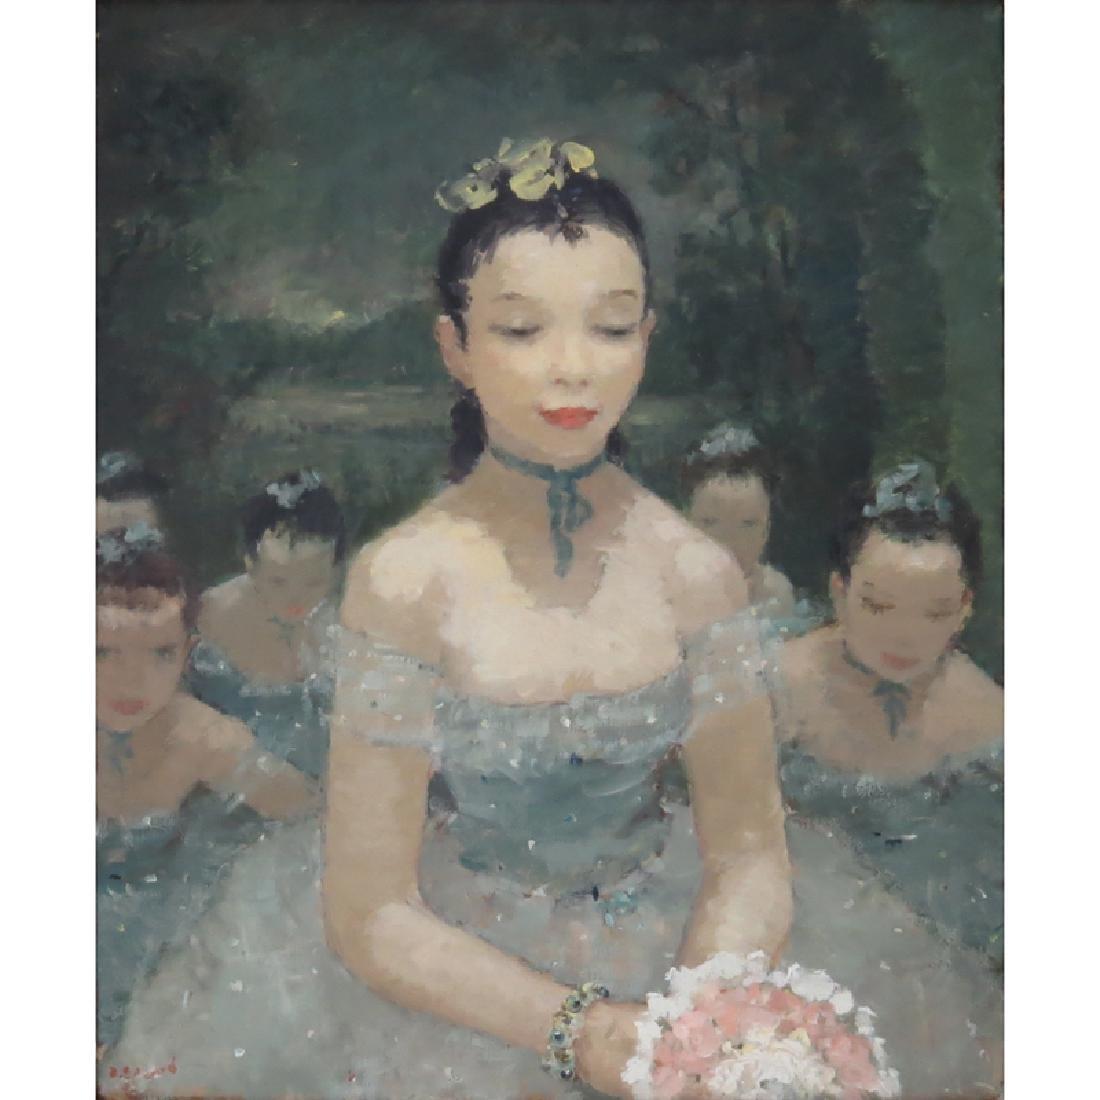 Dietz Edzard, German (1893-1963) Oil on canvas